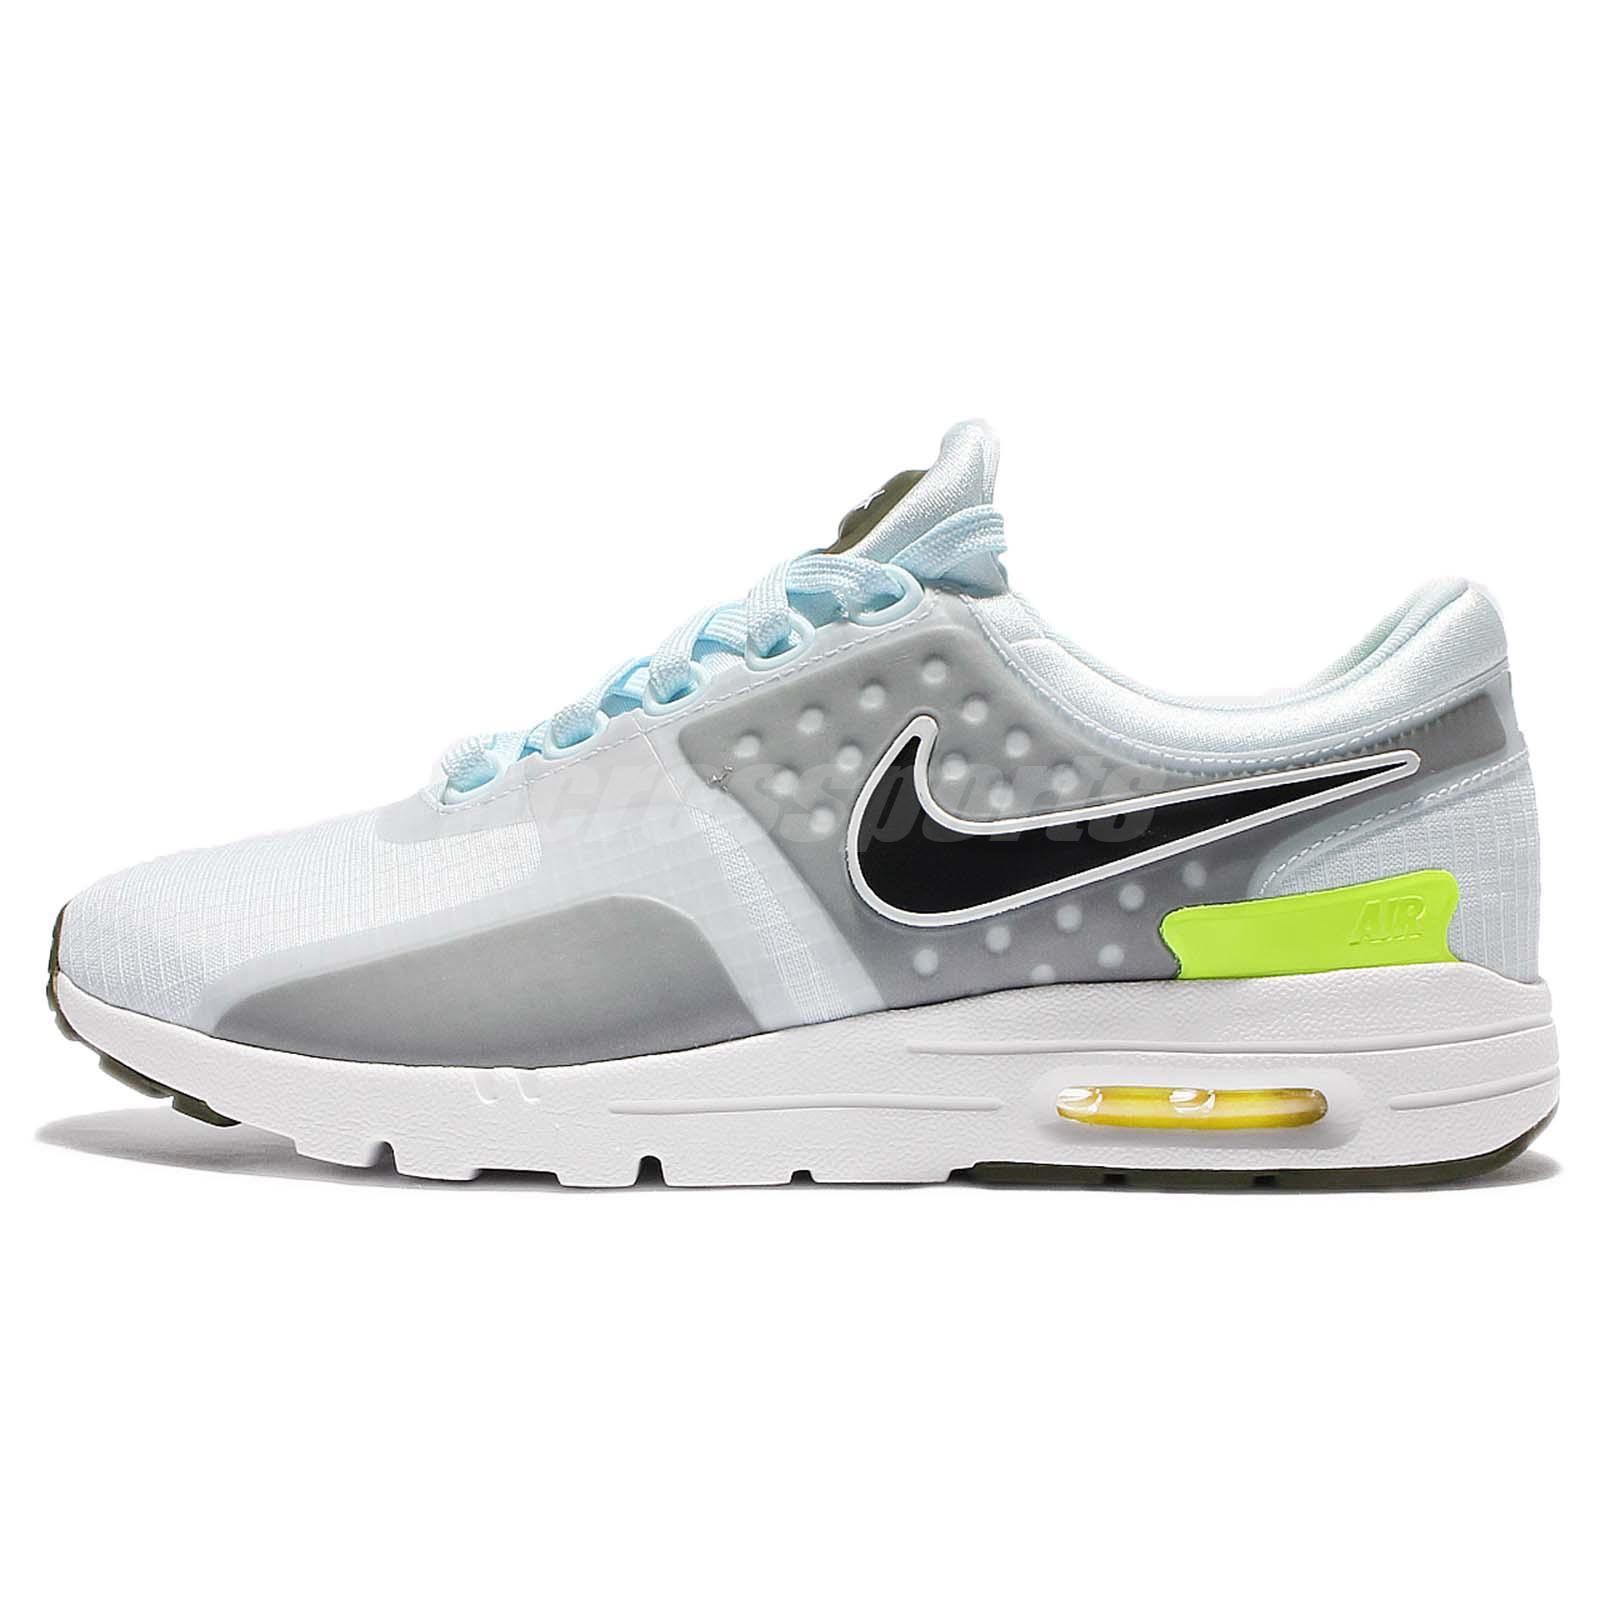 super cute 3a5a2 3cc35 Wmns Nike Air Max Zero SI 0 Blue Grey Women Running Shoes Sneakers 881173 -400